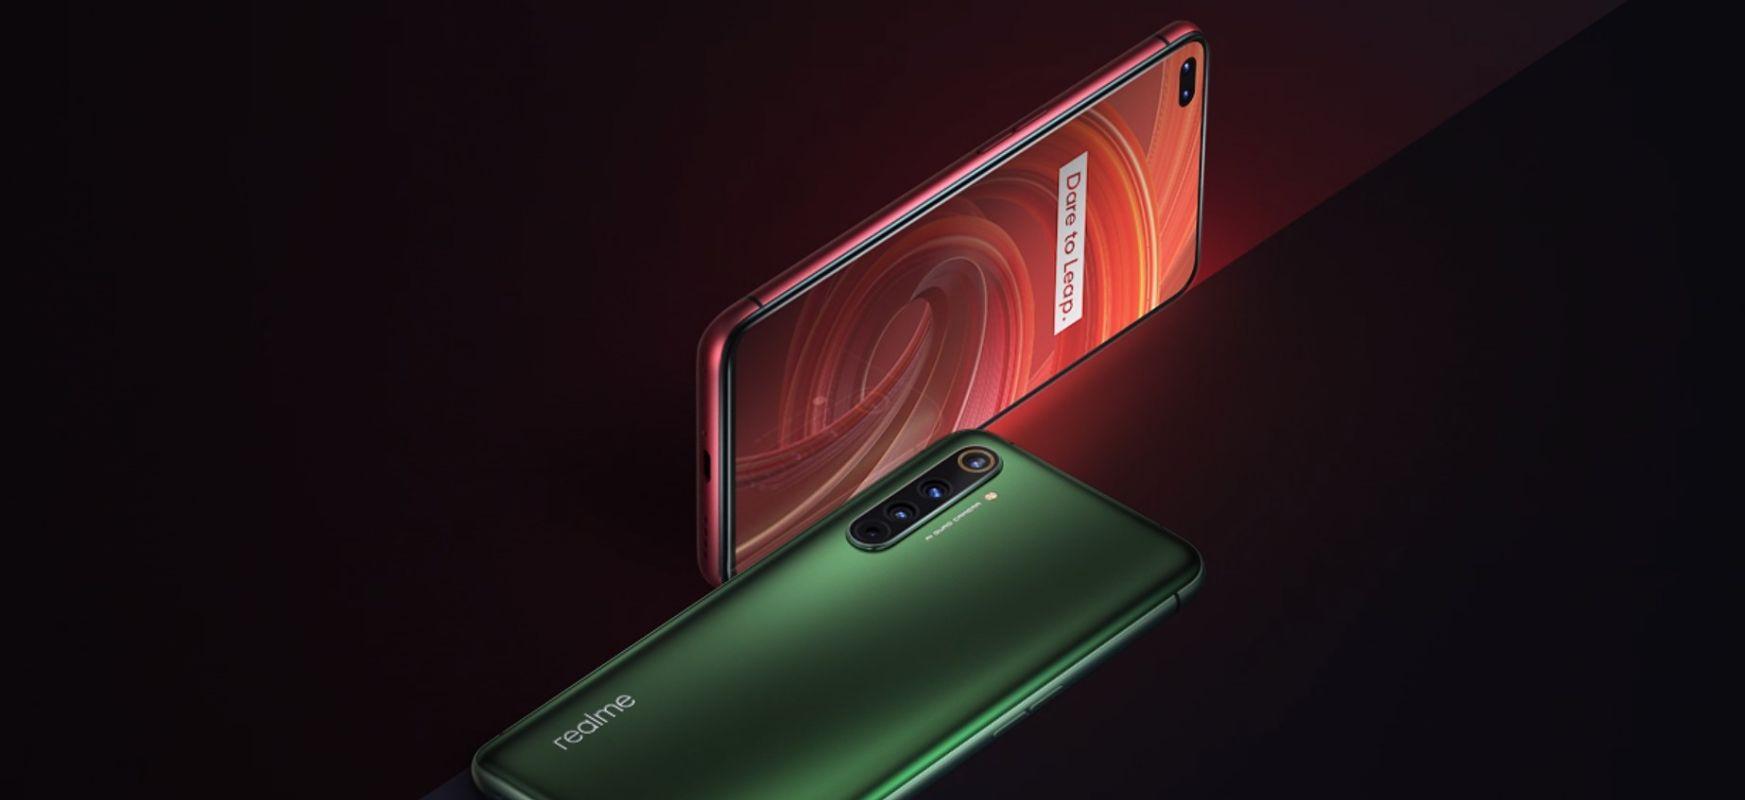 Txinatik datozen smartphone berriak Poloniara doaz.  Ongi etorri Realme X50 Pro 5G eta Realme 6 Pro